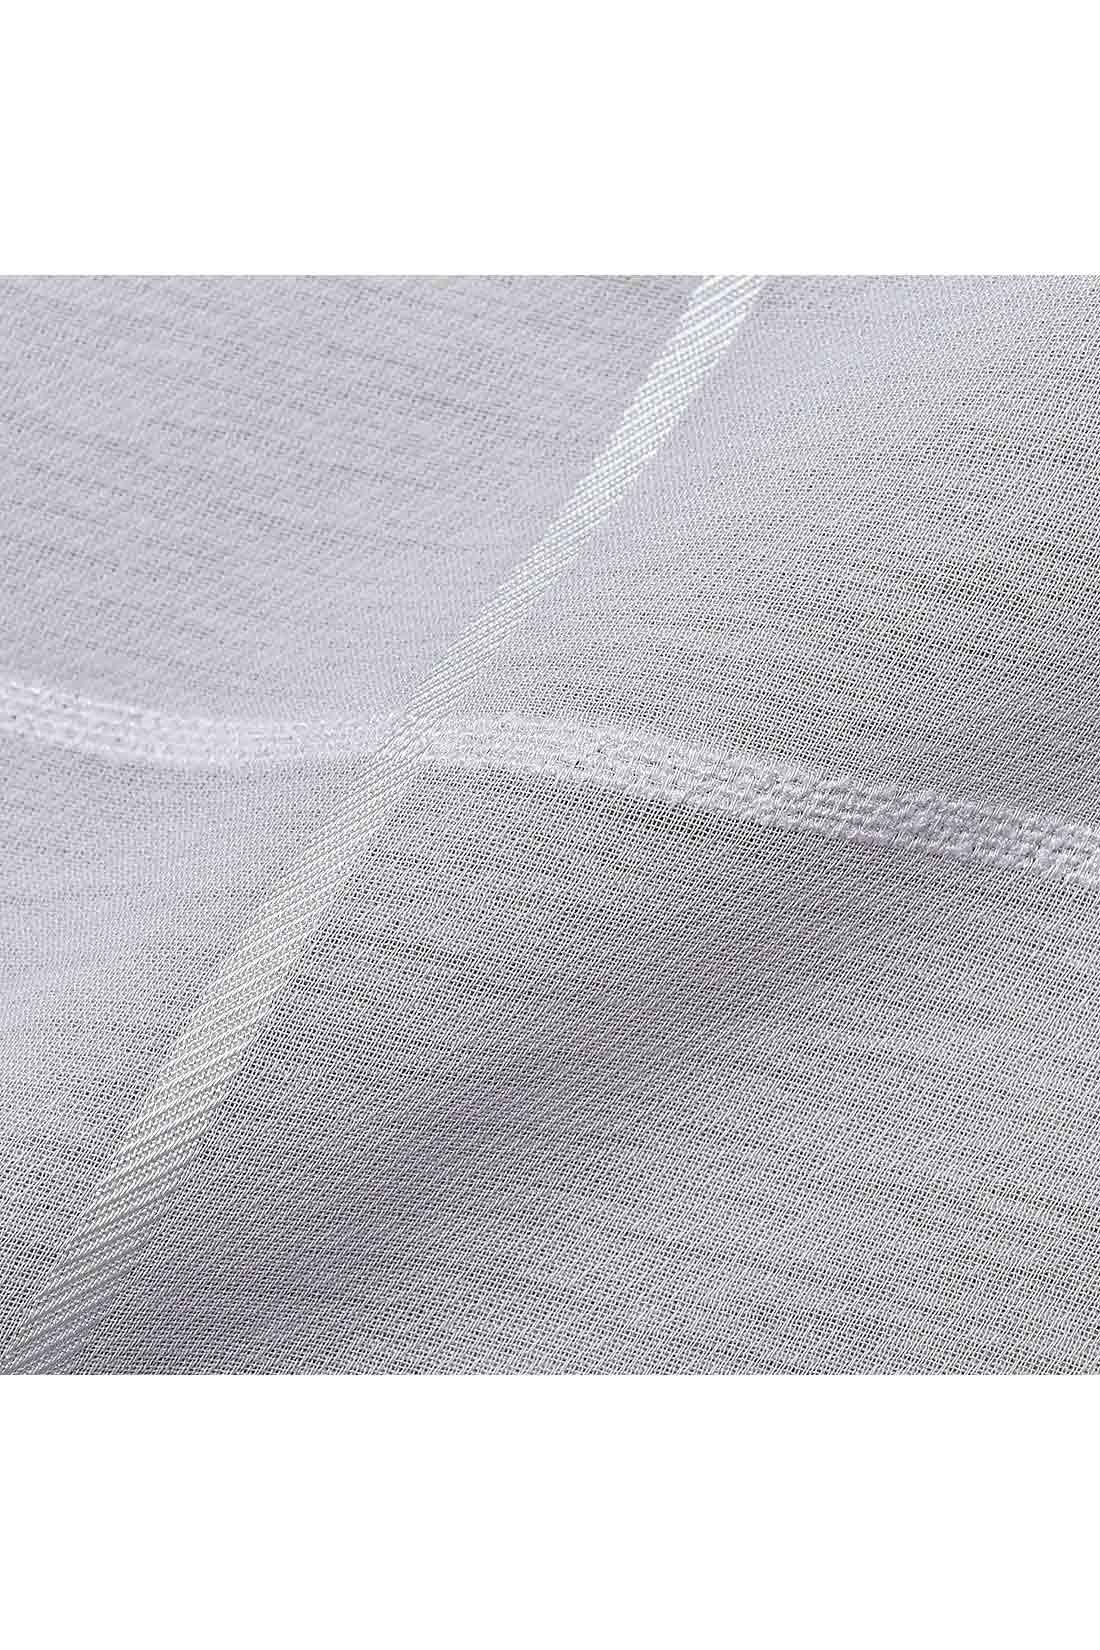 シアー素材にチェックの織り柄で変化を付けてより立体的に美しく。